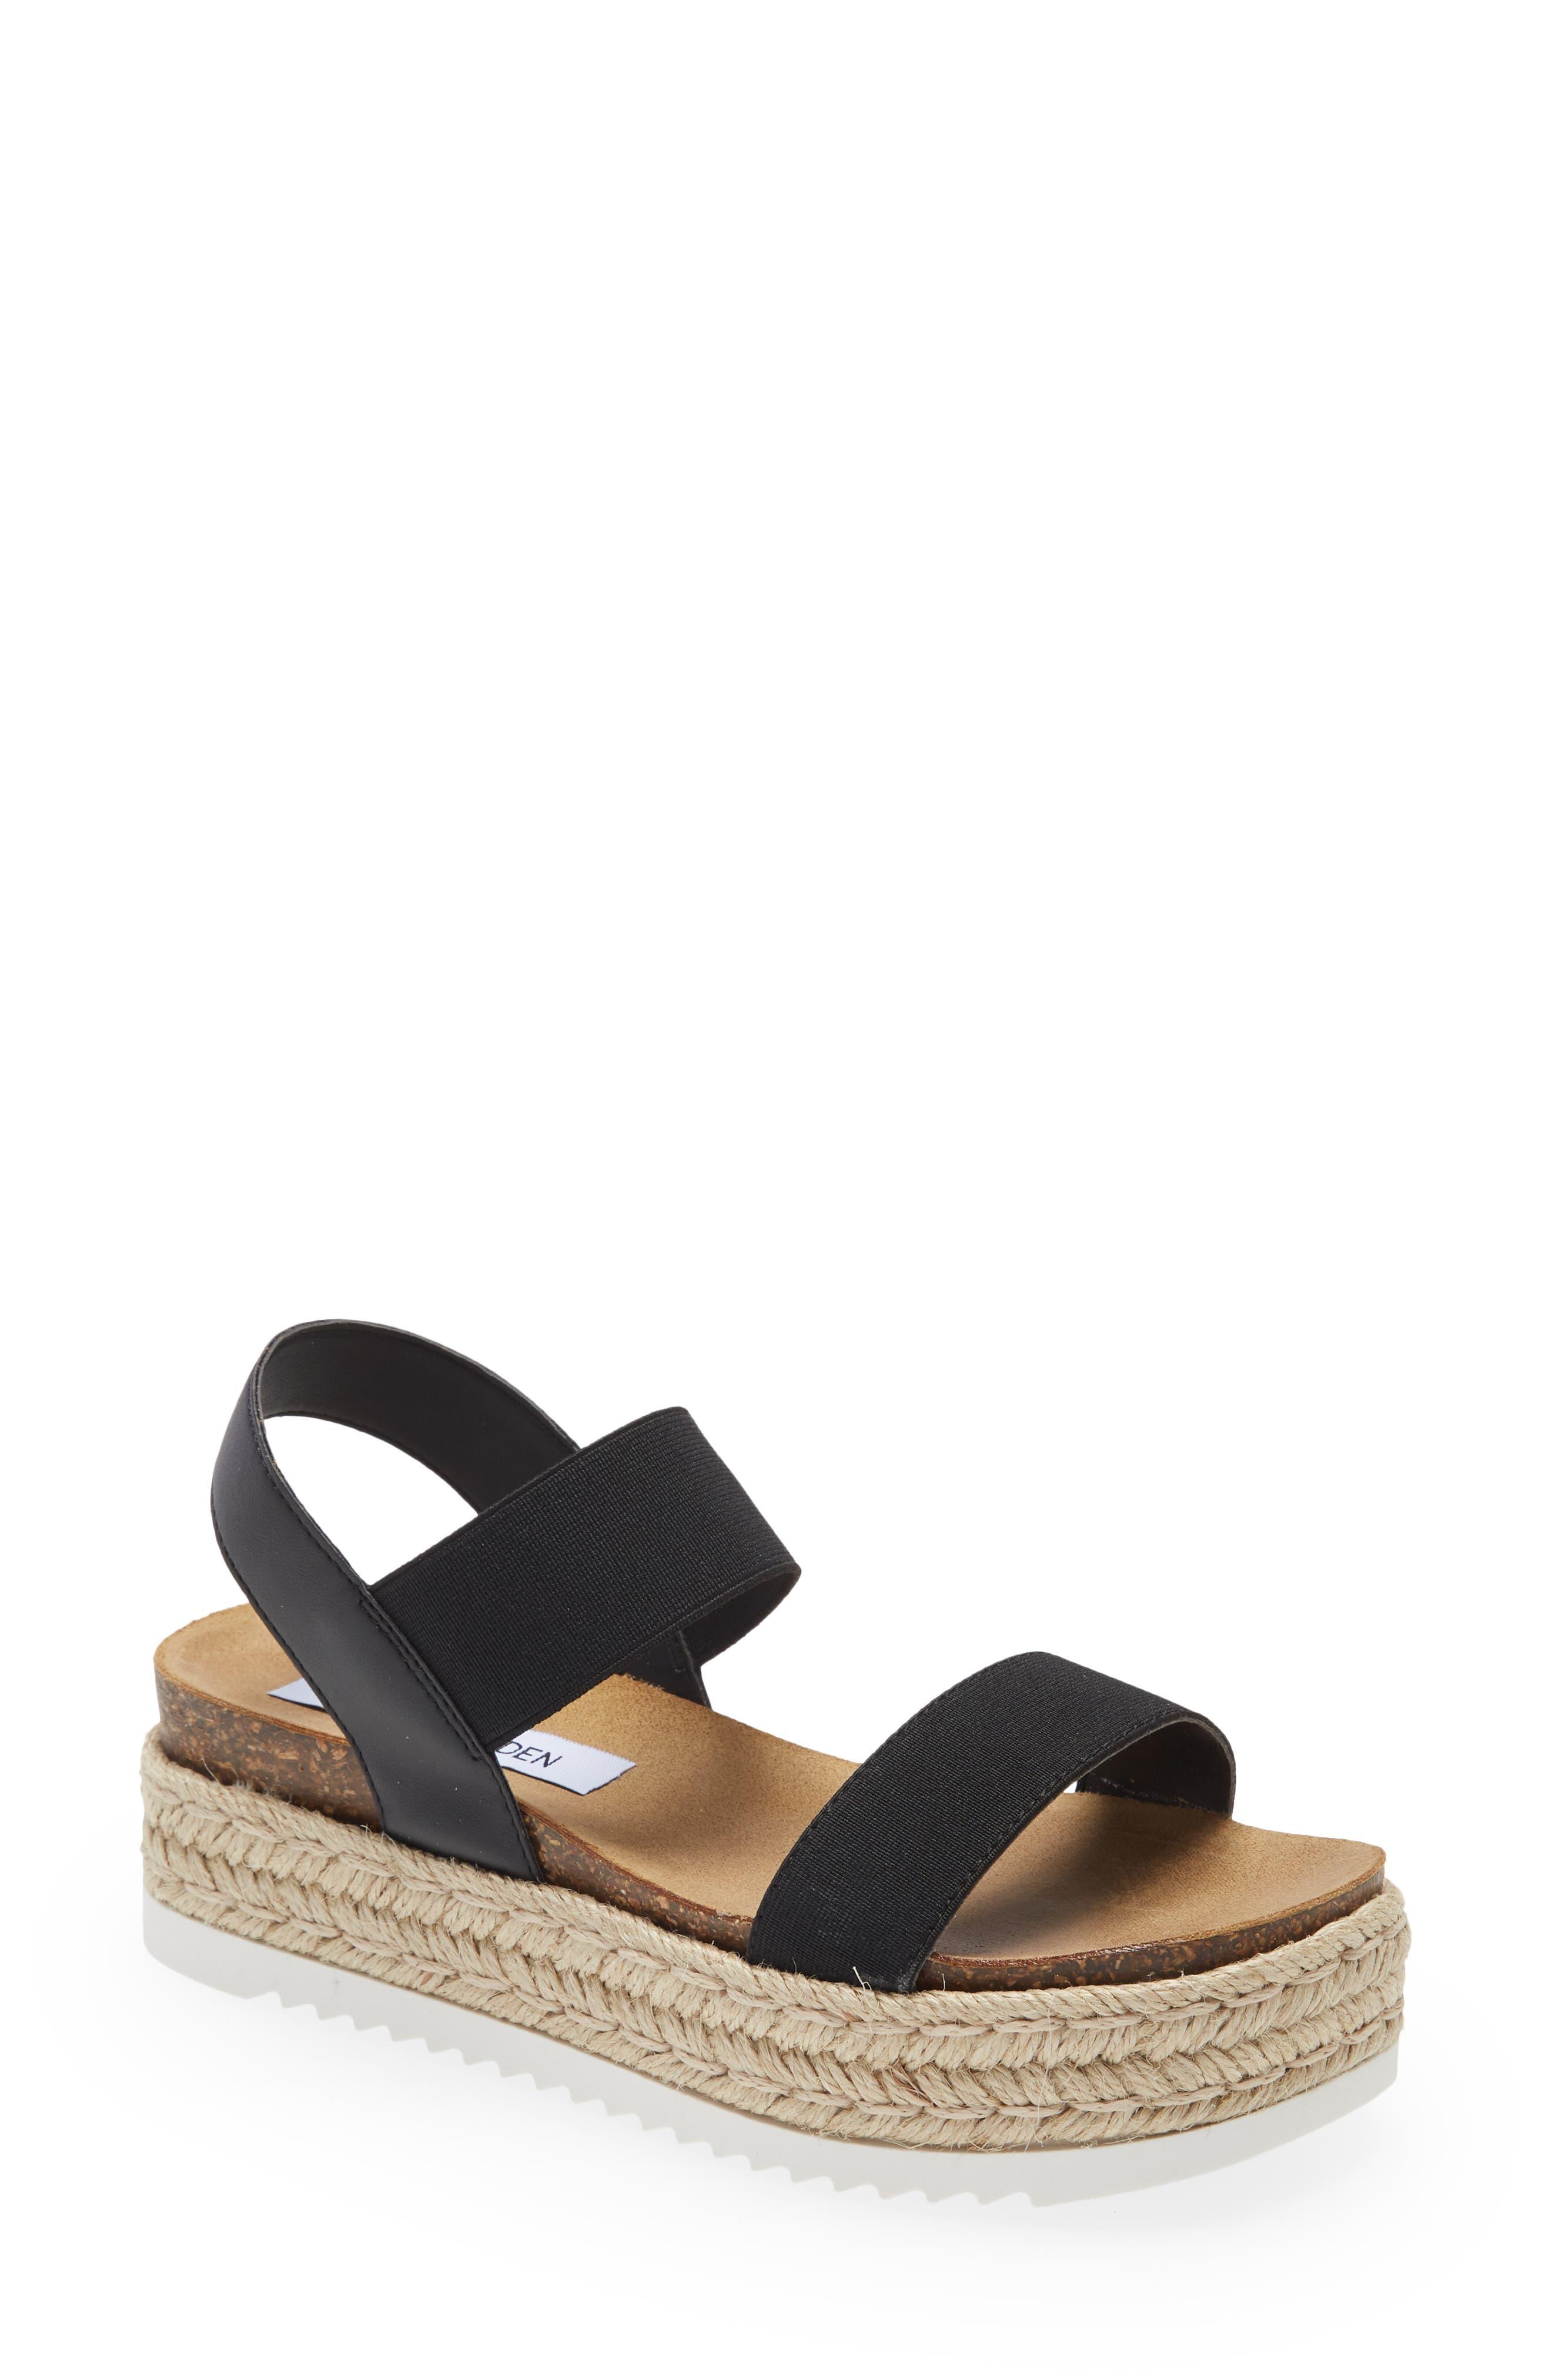 steve maddens sandals